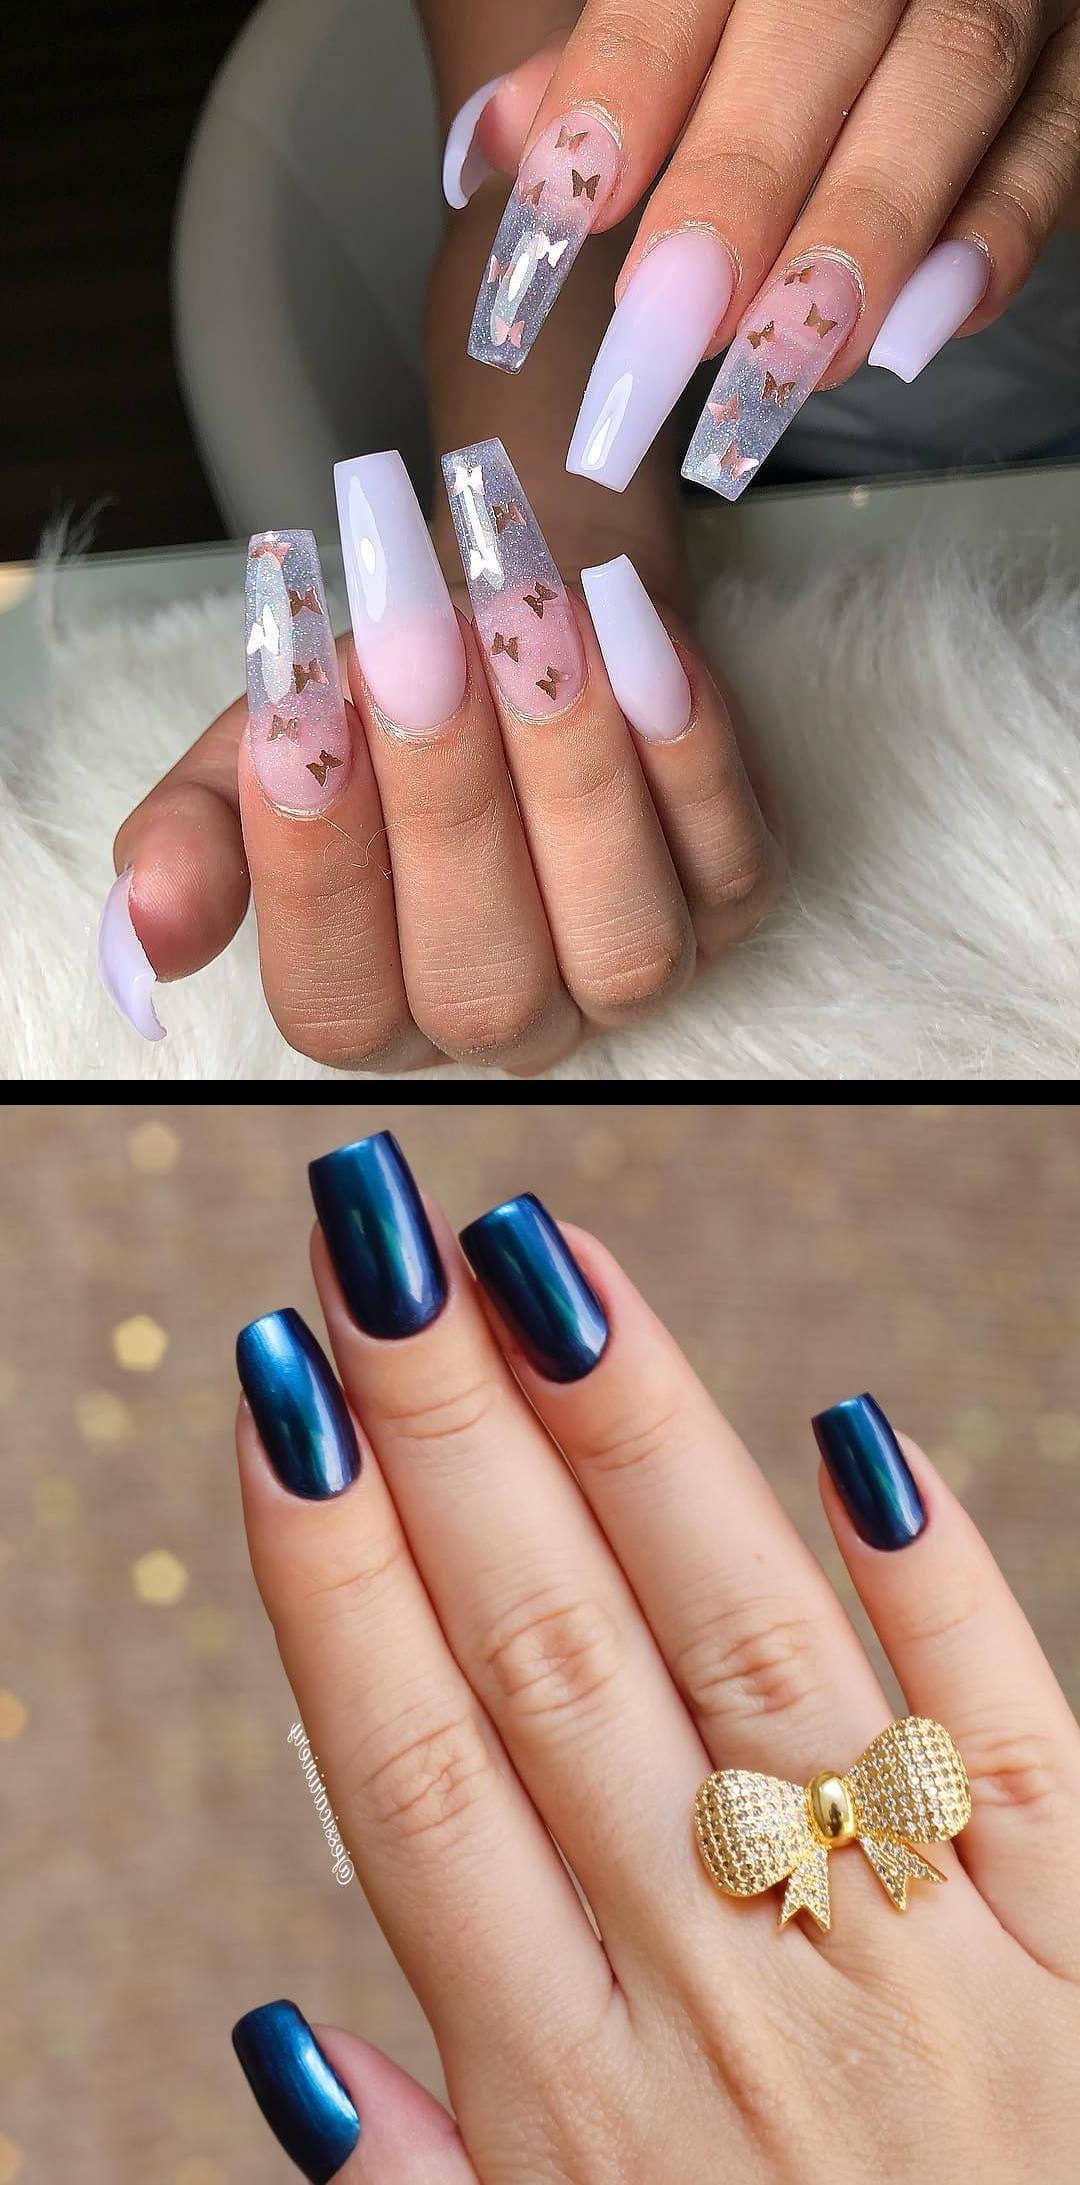 White Acrylic Nails Acrylic Nails Coffin Princess Nails Nail Supply Store Sunshine Nails Butterfly Nailsnails White Acrylic Nails White Nails Nails